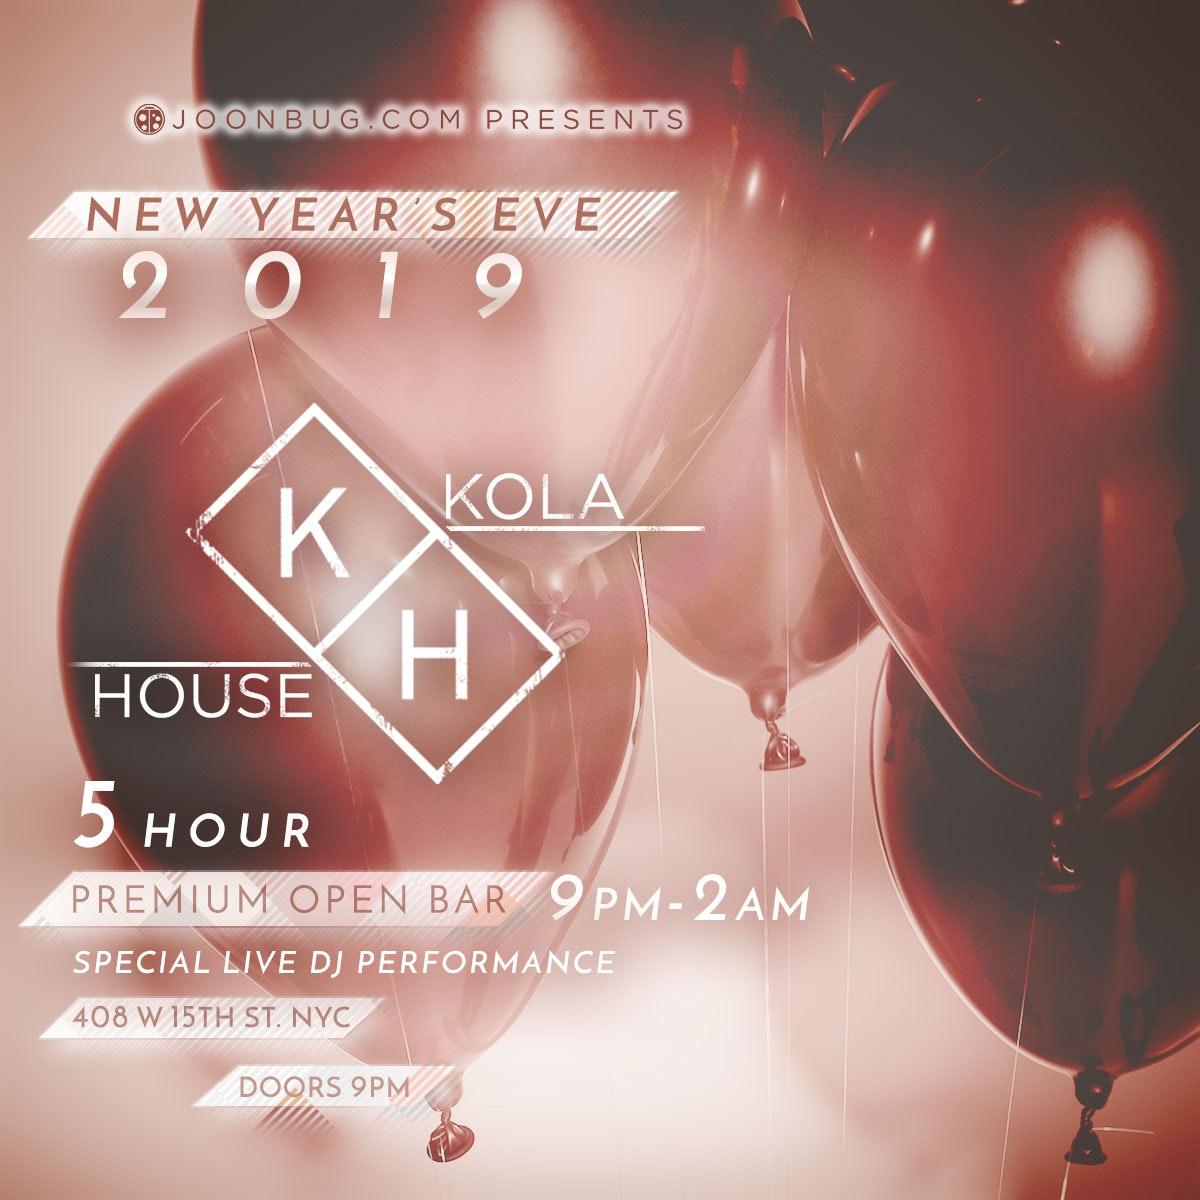 Kola House